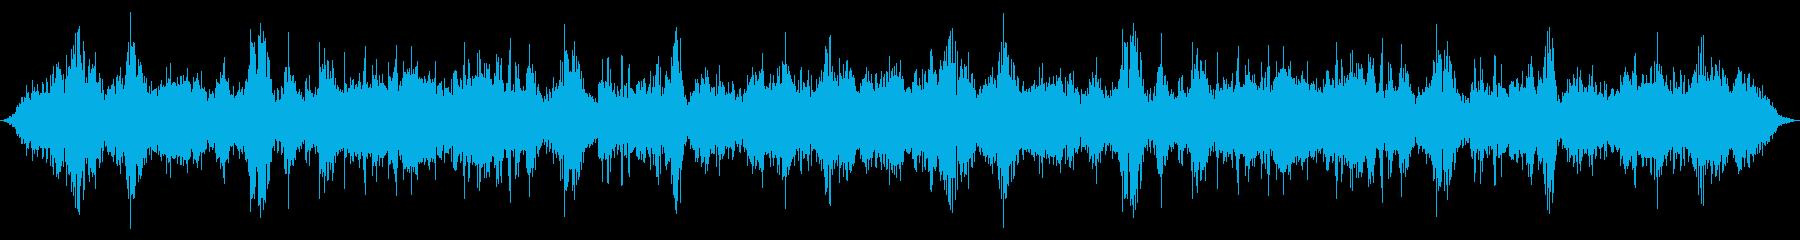 ヘビーブルースタリーホイッスリング...の再生済みの波形